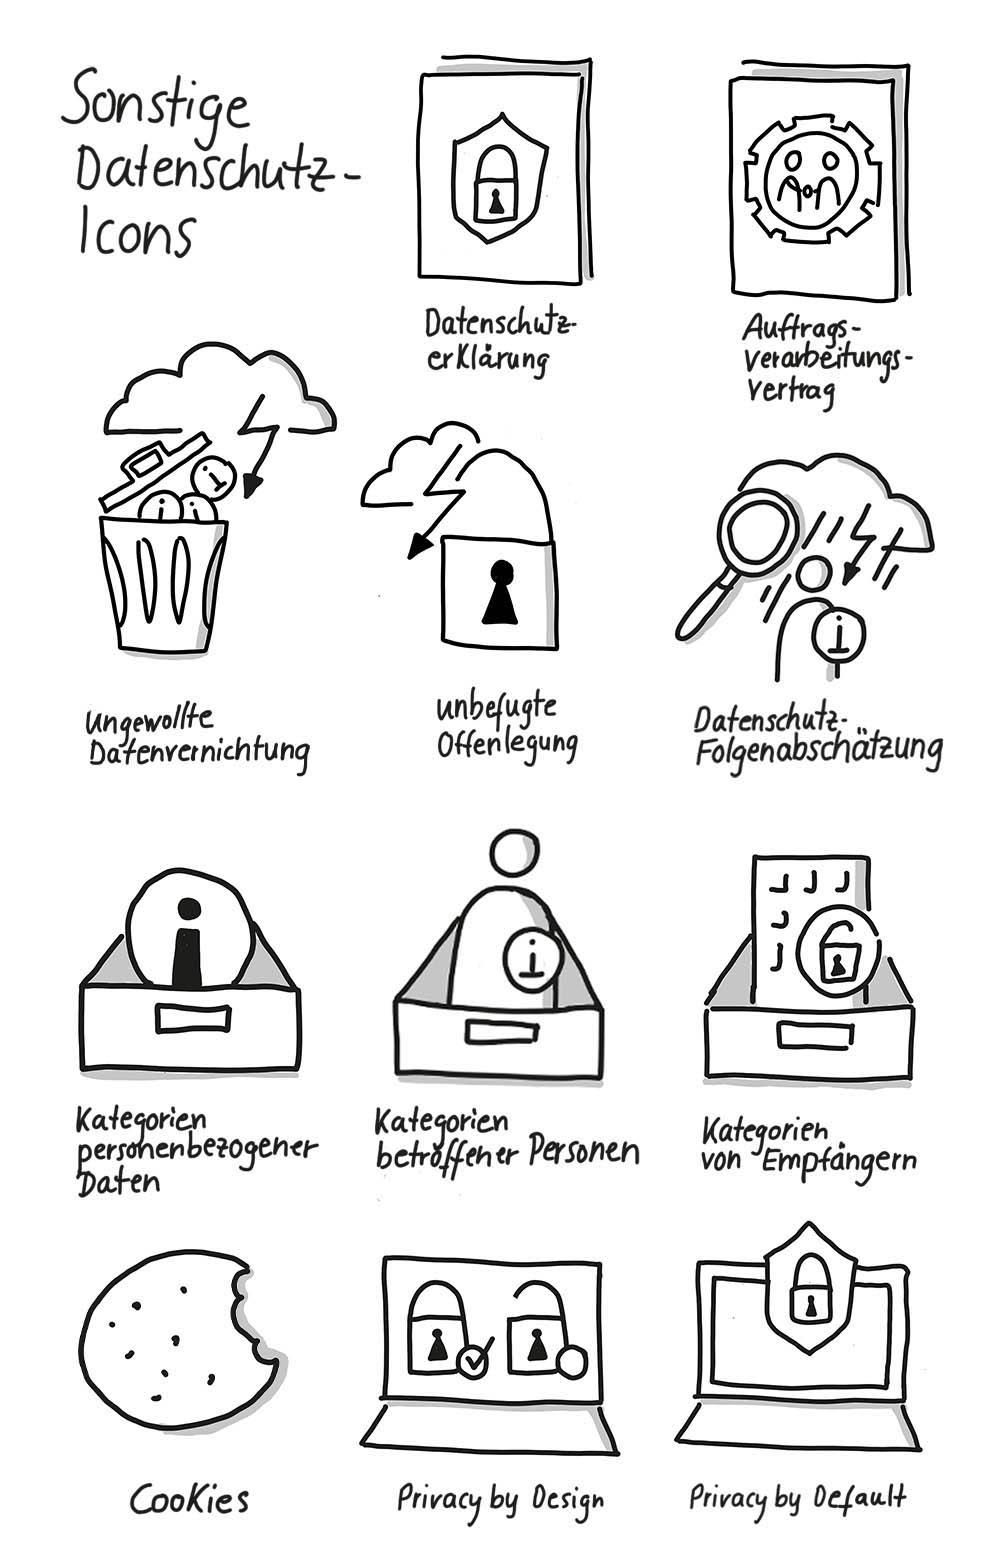 Sonstige Datenschutz-Icons - Teil 1